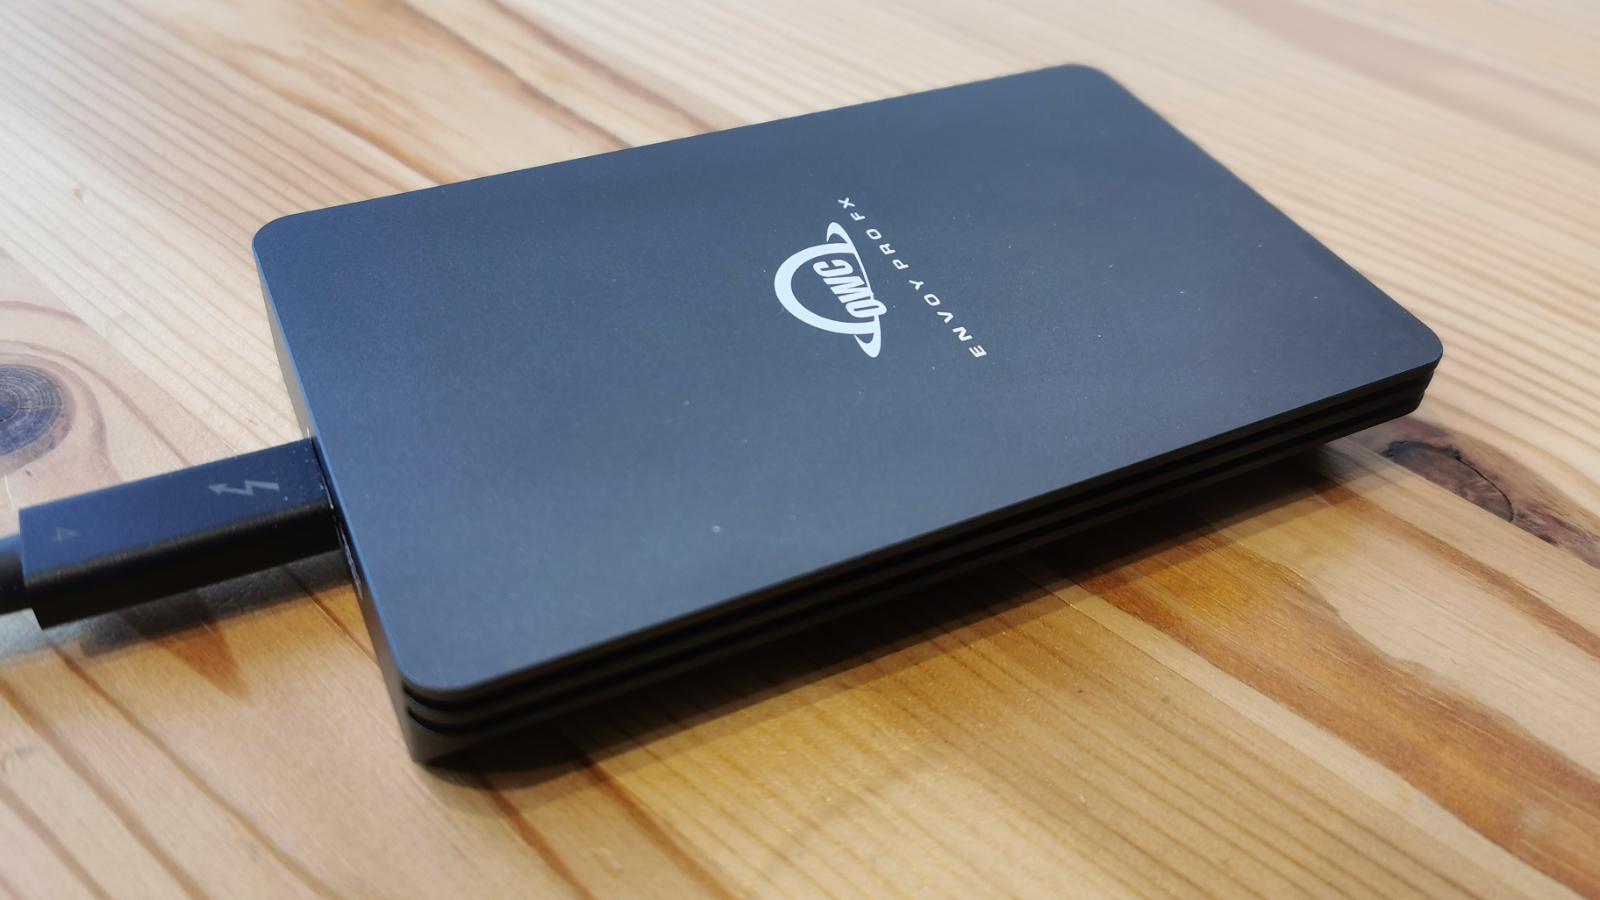 OWC Envoy Pro FX 480GB